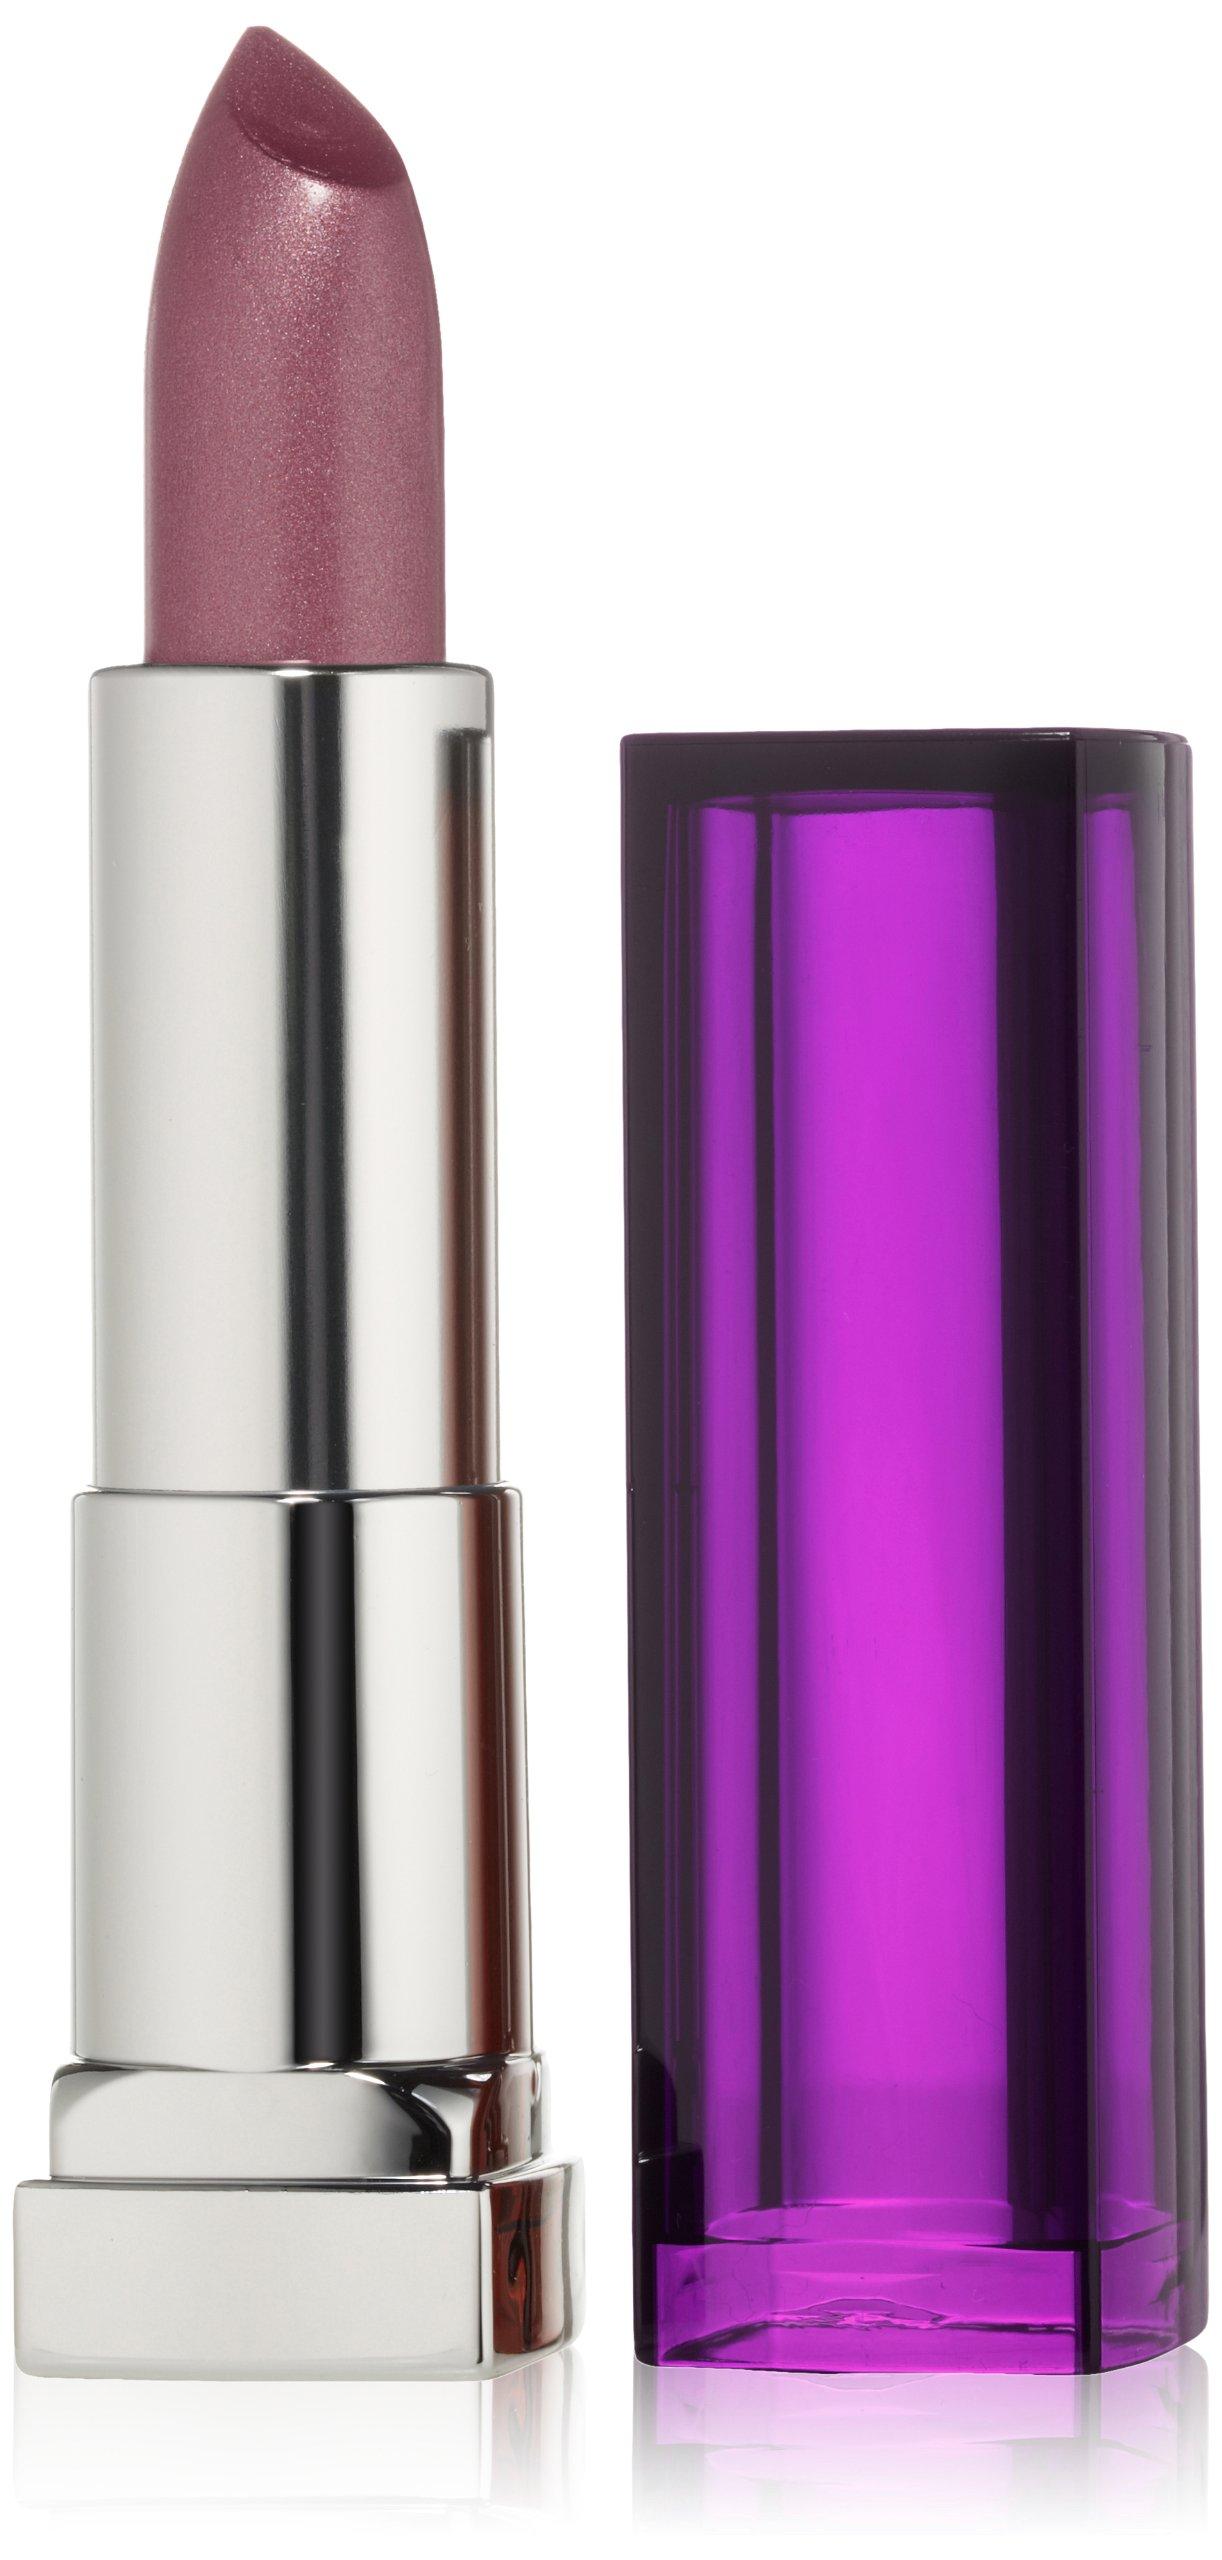 Maybelline Makeup Tutorial Malaysia: Amazon.com: Maybelline Makeup Expert Wear Twin Eyebrow